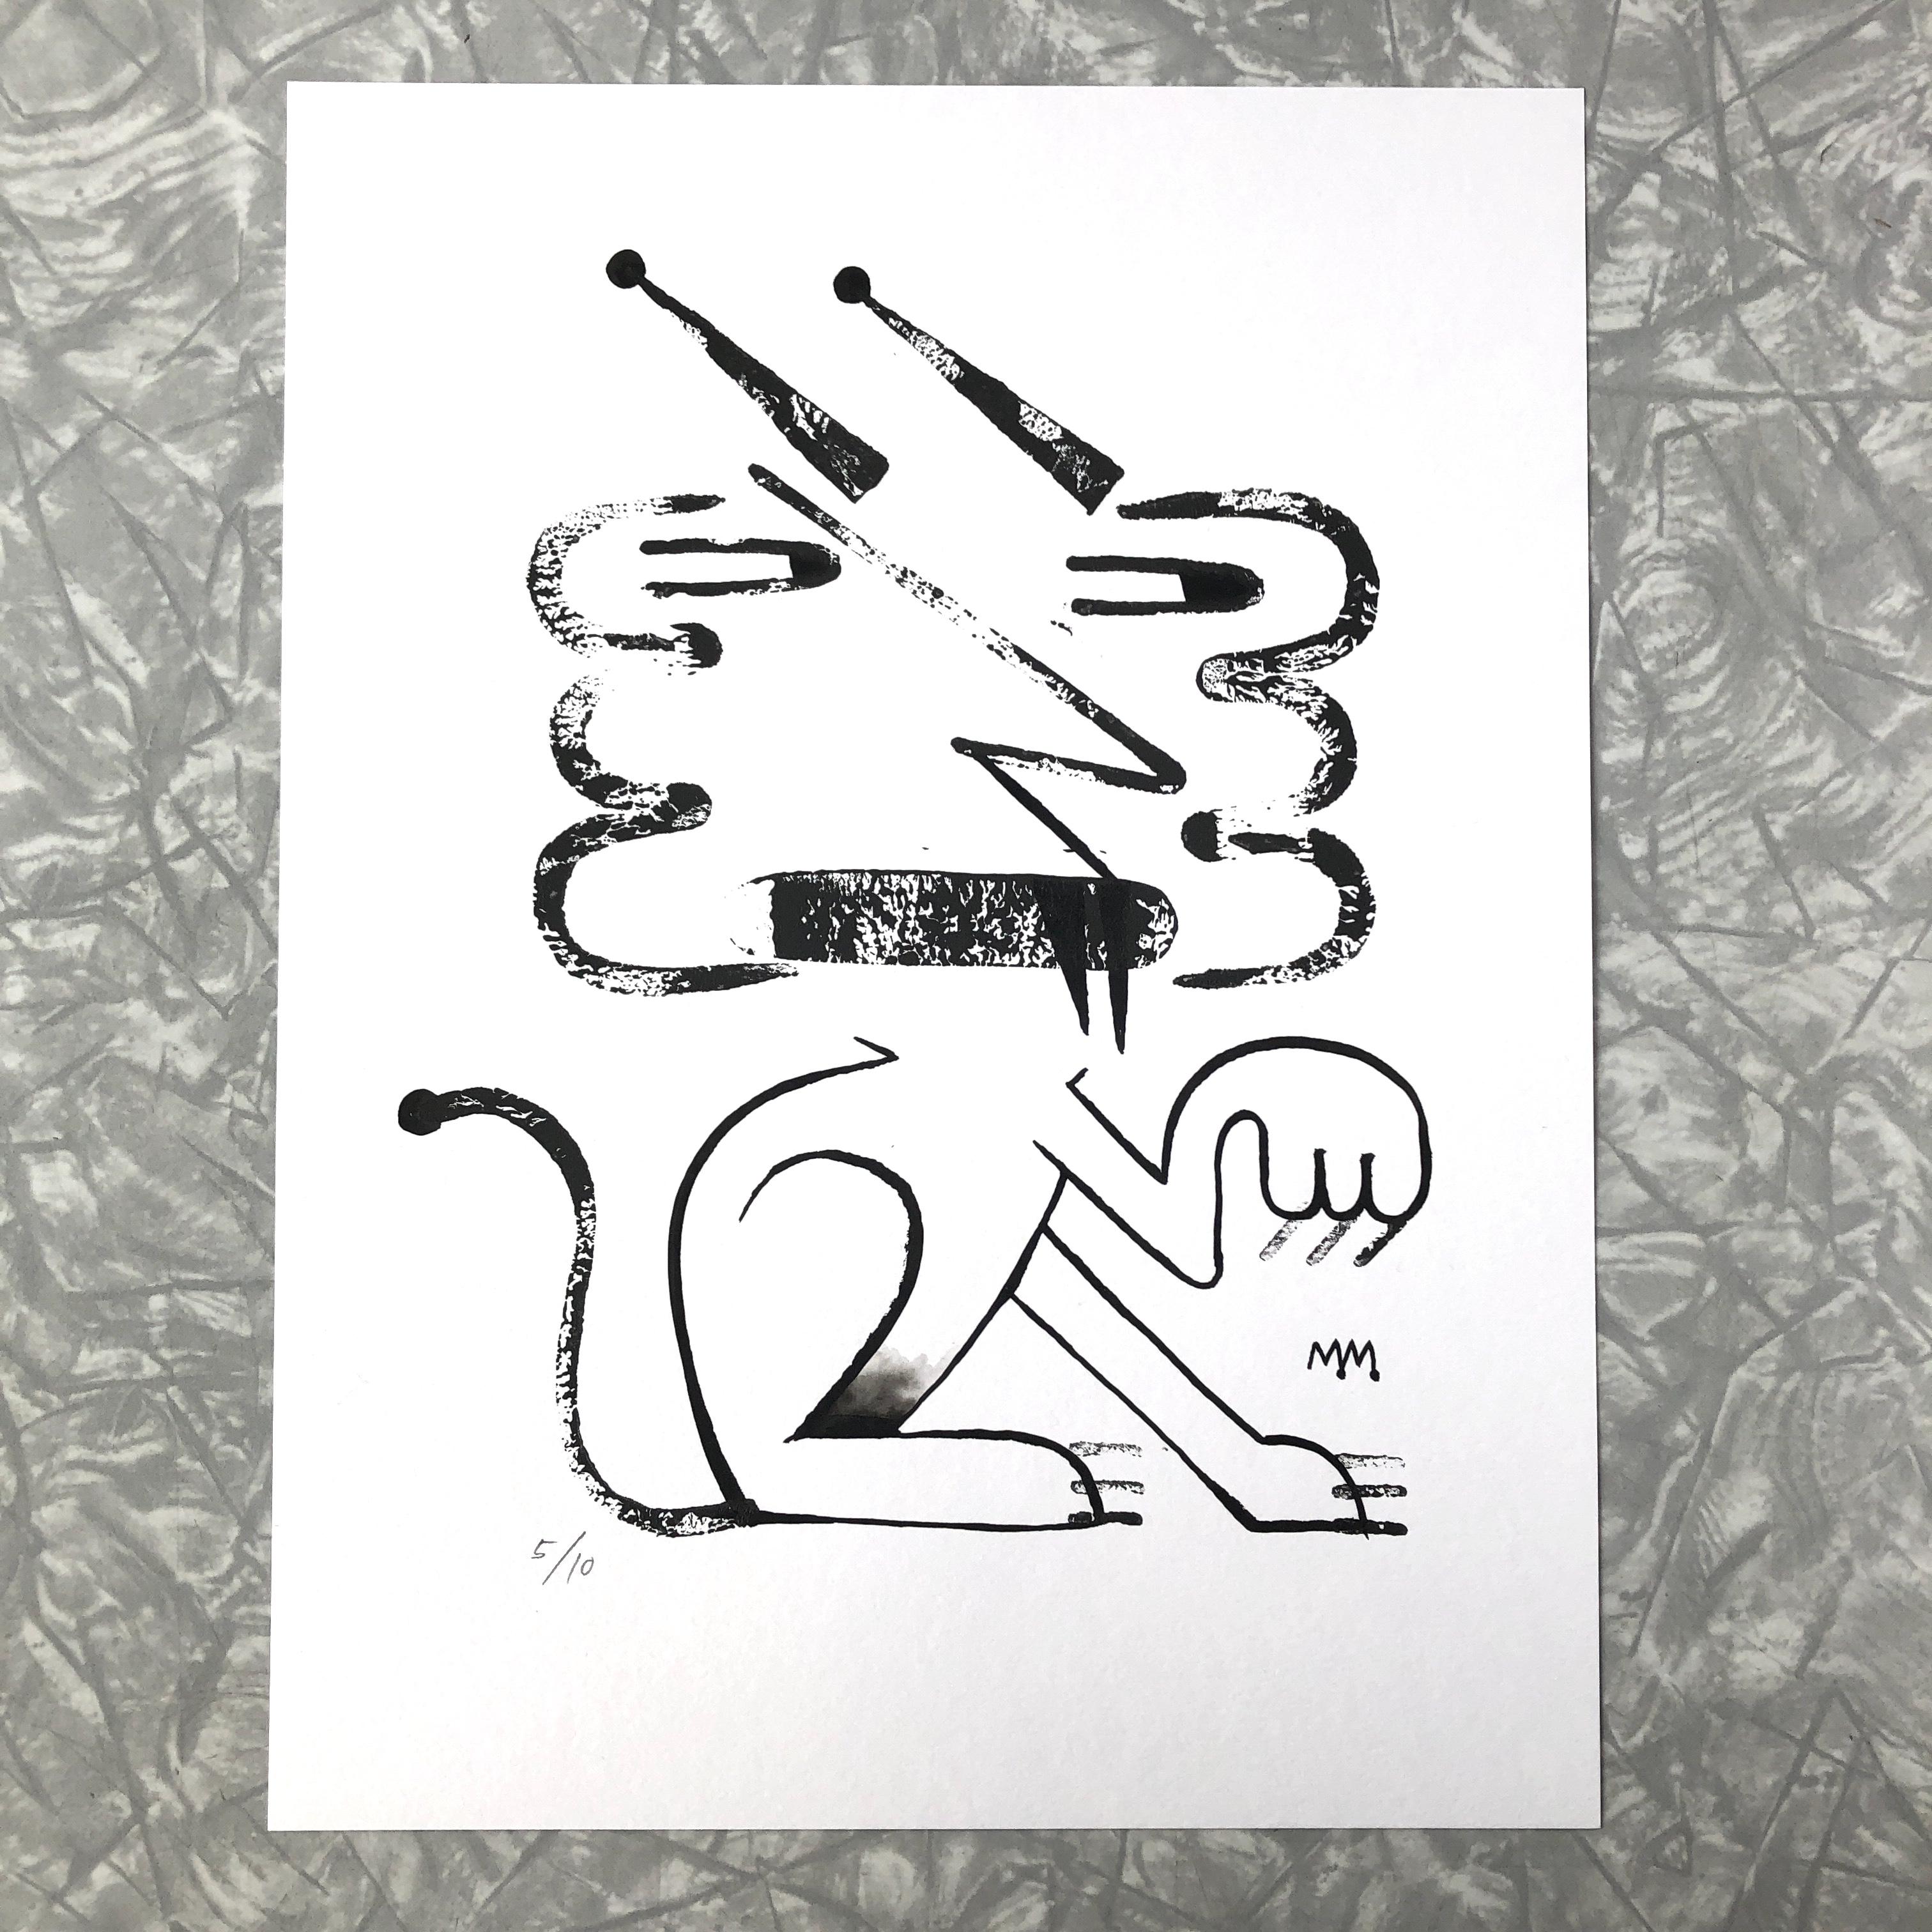 La bête 5/10